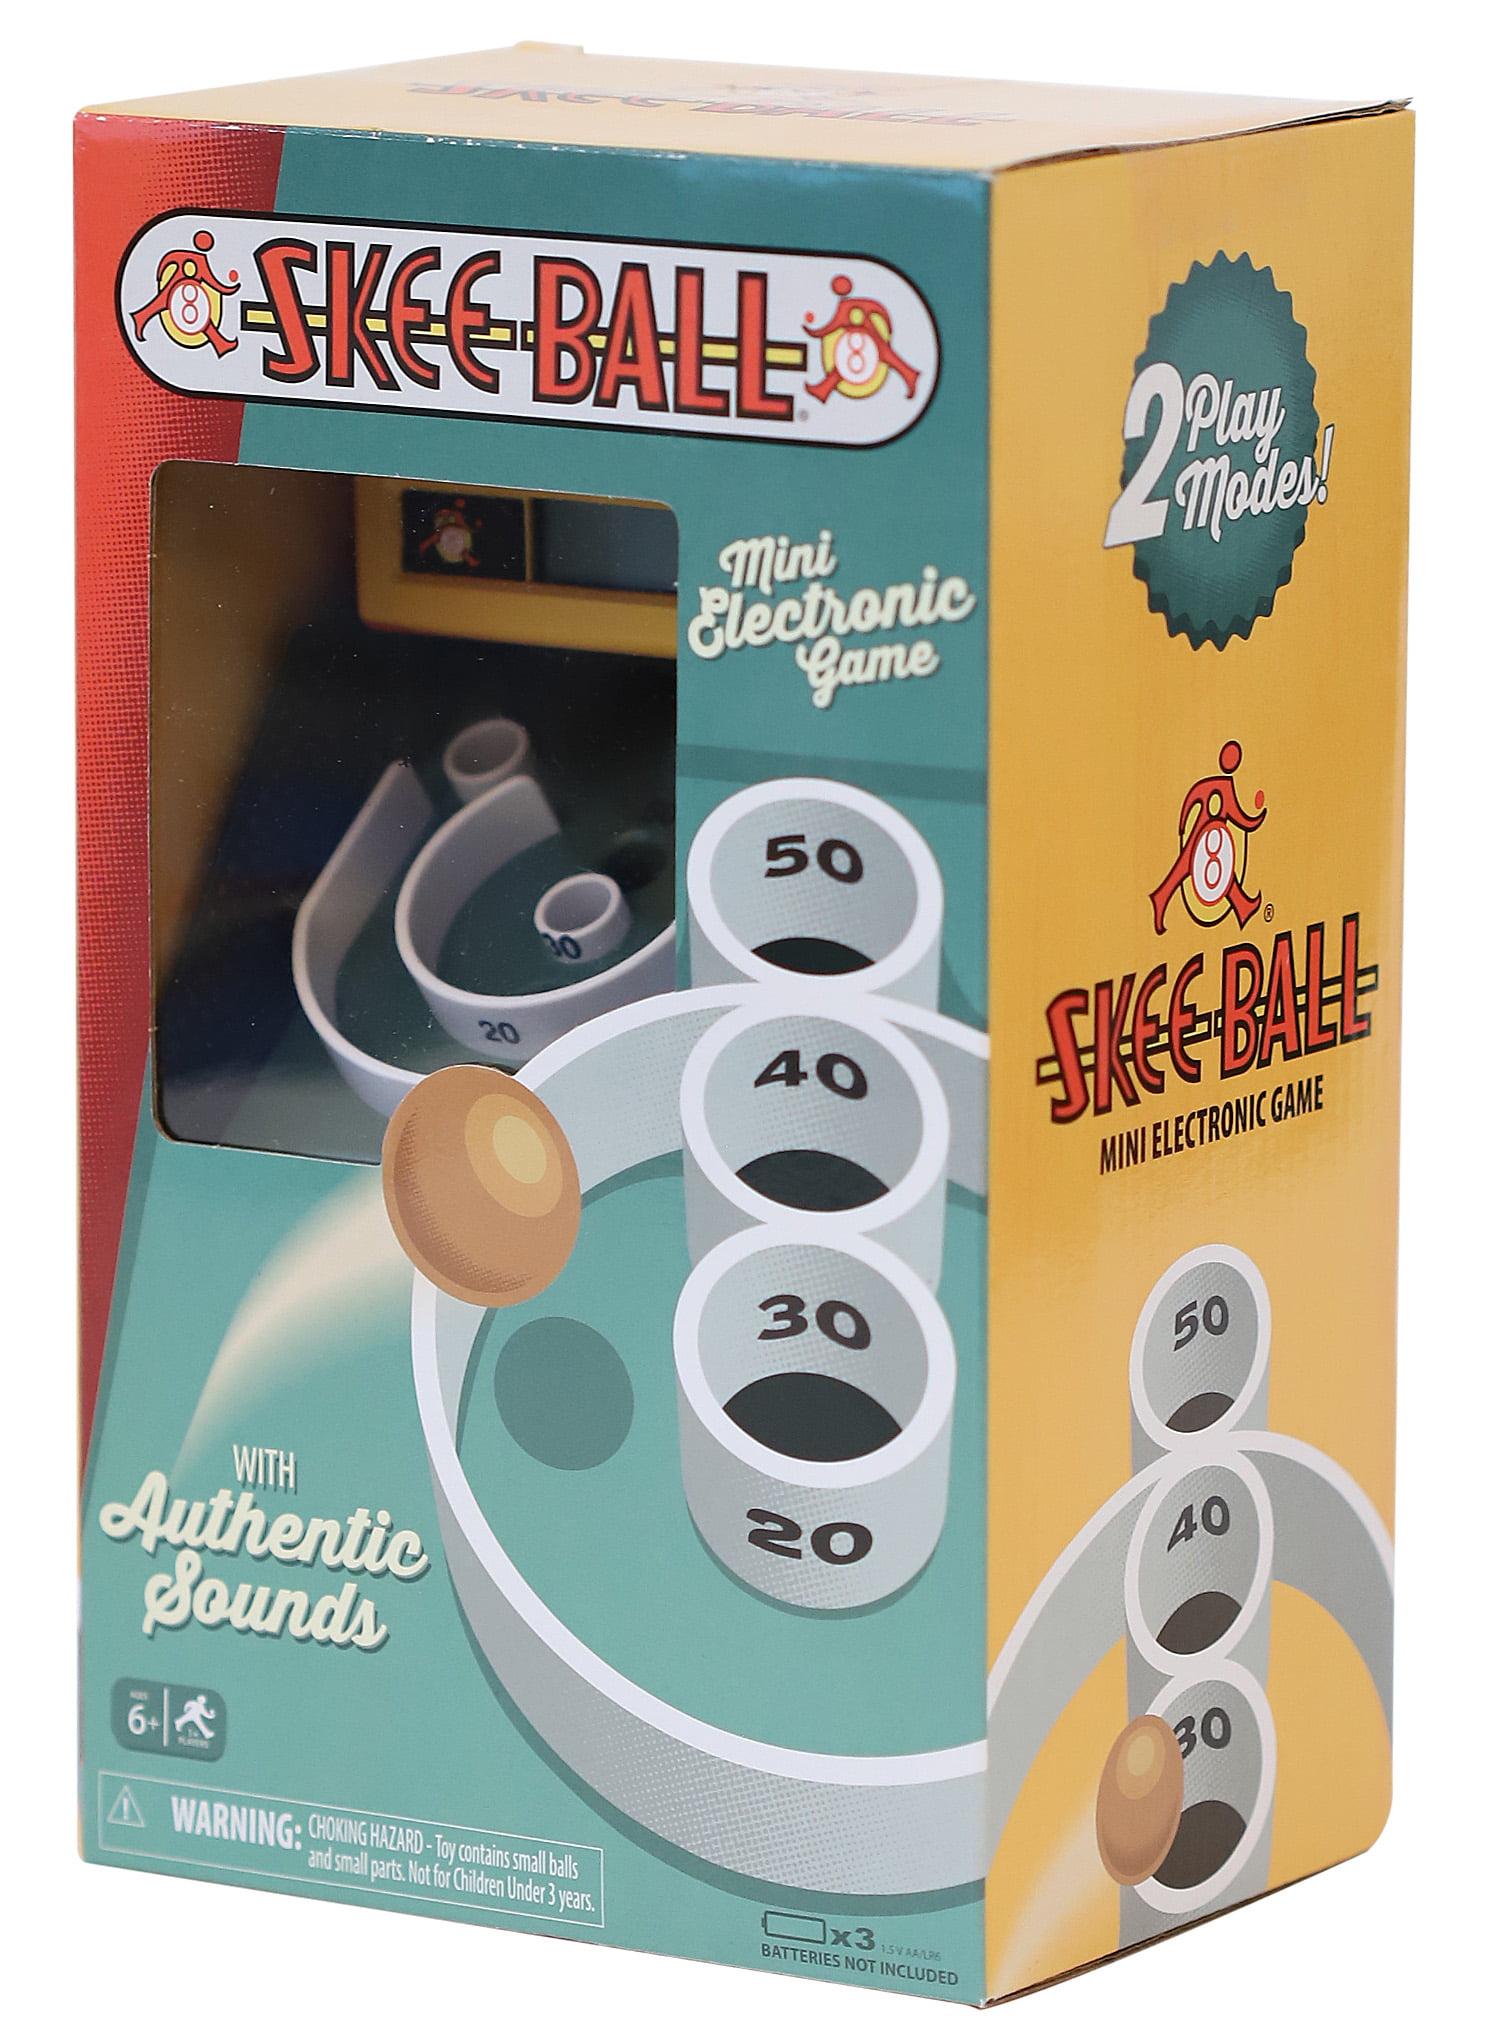 Skee Ball - Retro Electronic Game - HandHeld/Desktop